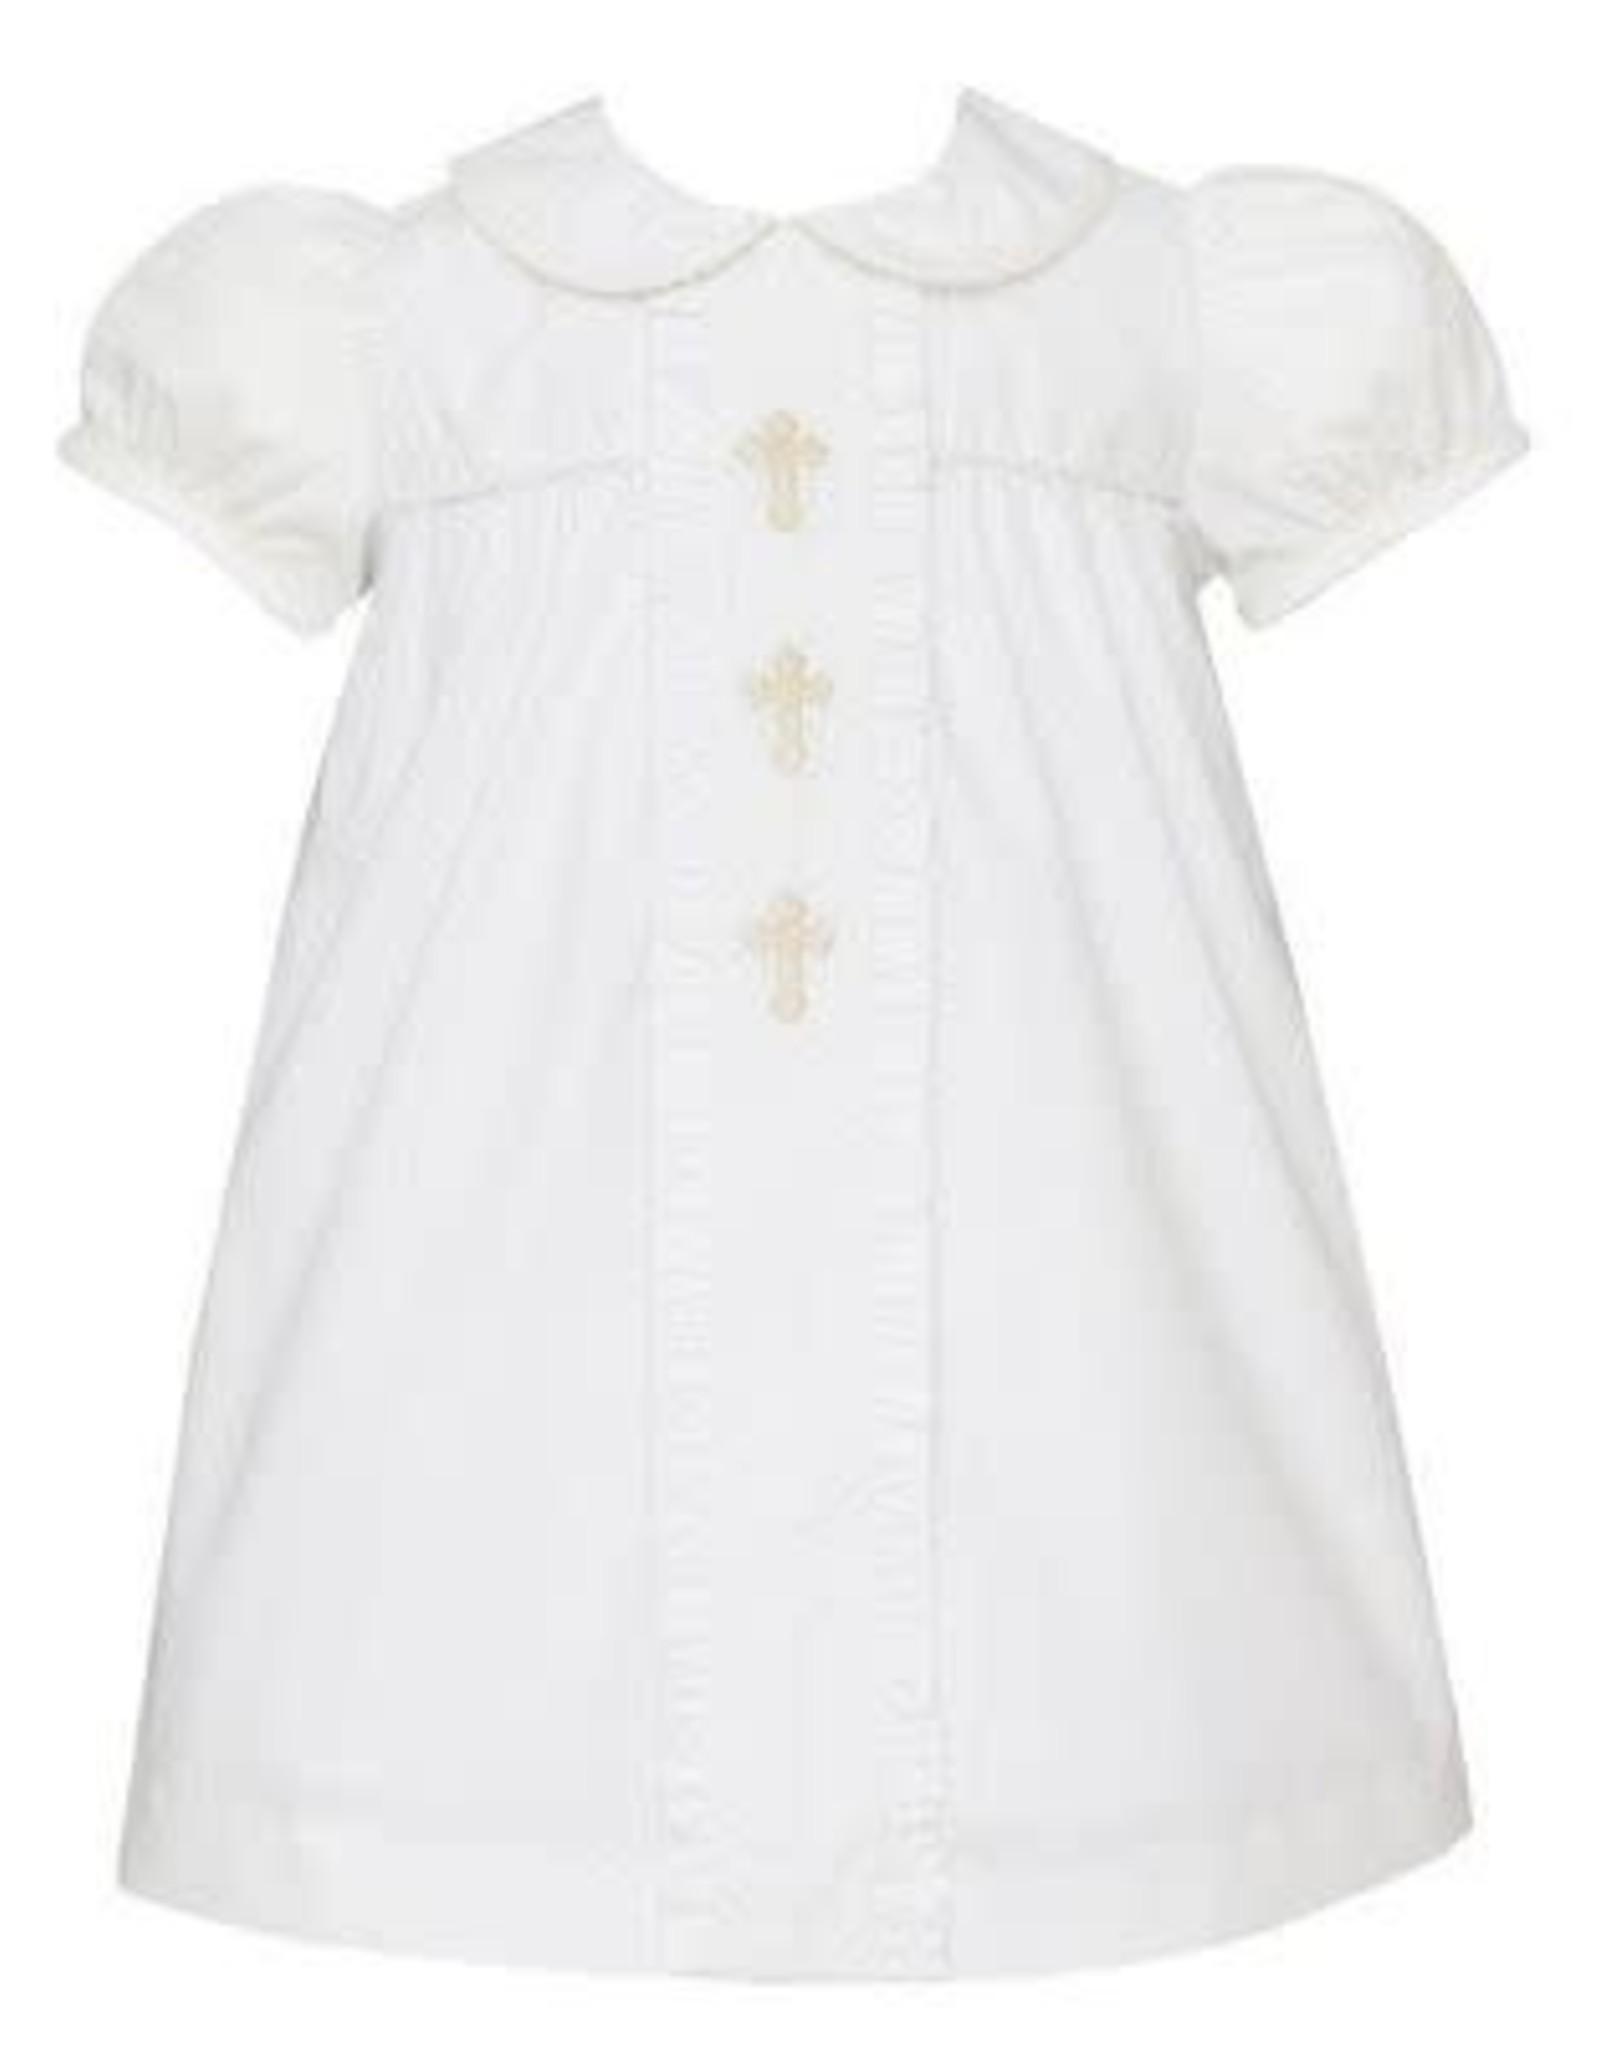 AN Crosses- Float w/White Collar- White Poplin